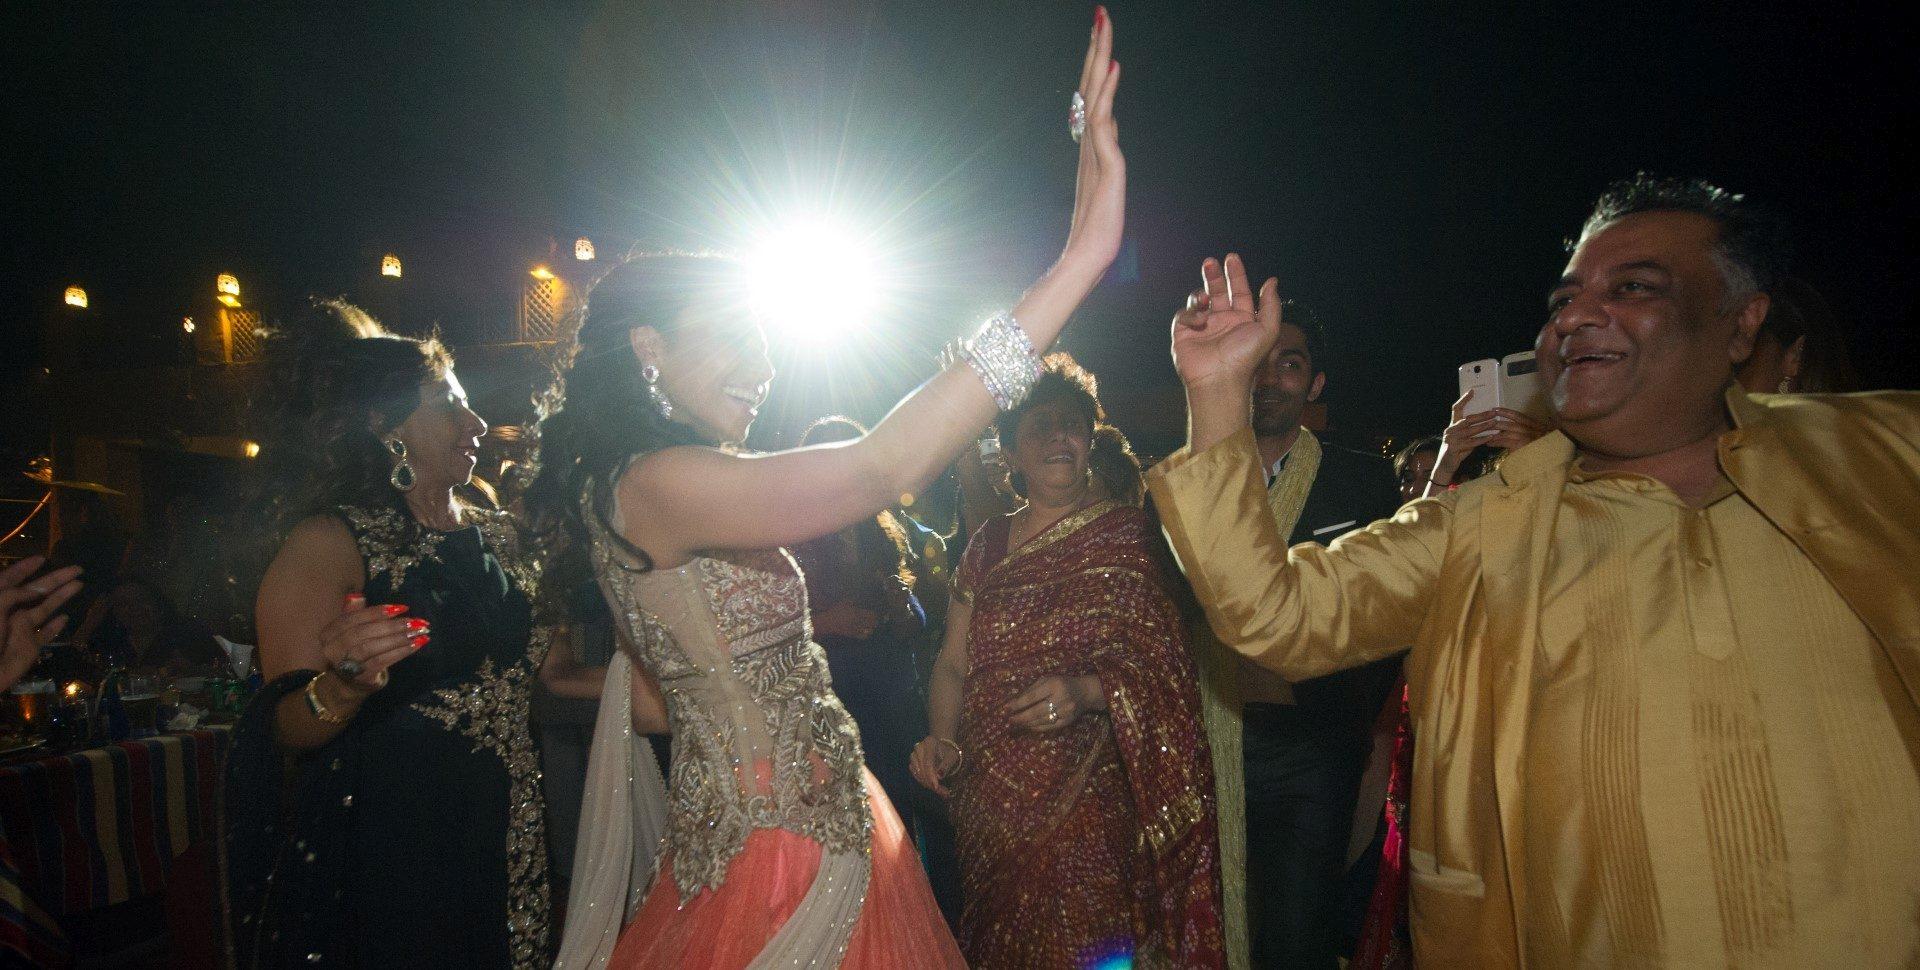 ,sivatag,sivatagi esküvő,dubaj,dubaji esküvő,dubaji sivatag,esküvő sivatagban,különleges esküvői helyszínek,indiai esküvő,arab esküvő,hagyományok,